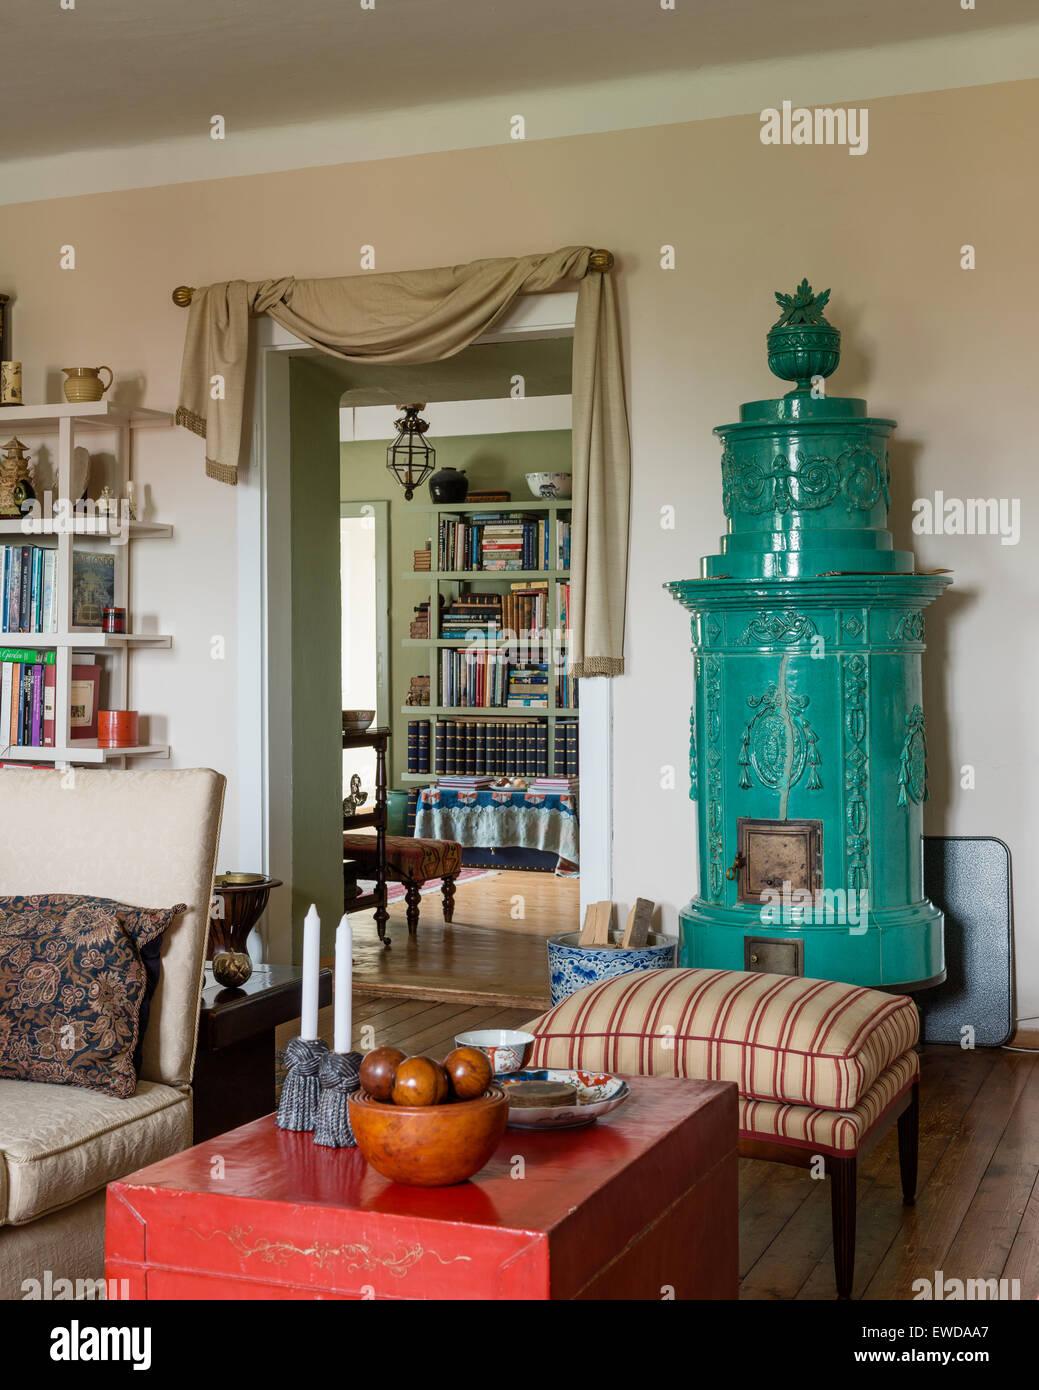 antique stove antique stockfotos antique stove antique bilder alamy. Black Bedroom Furniture Sets. Home Design Ideas